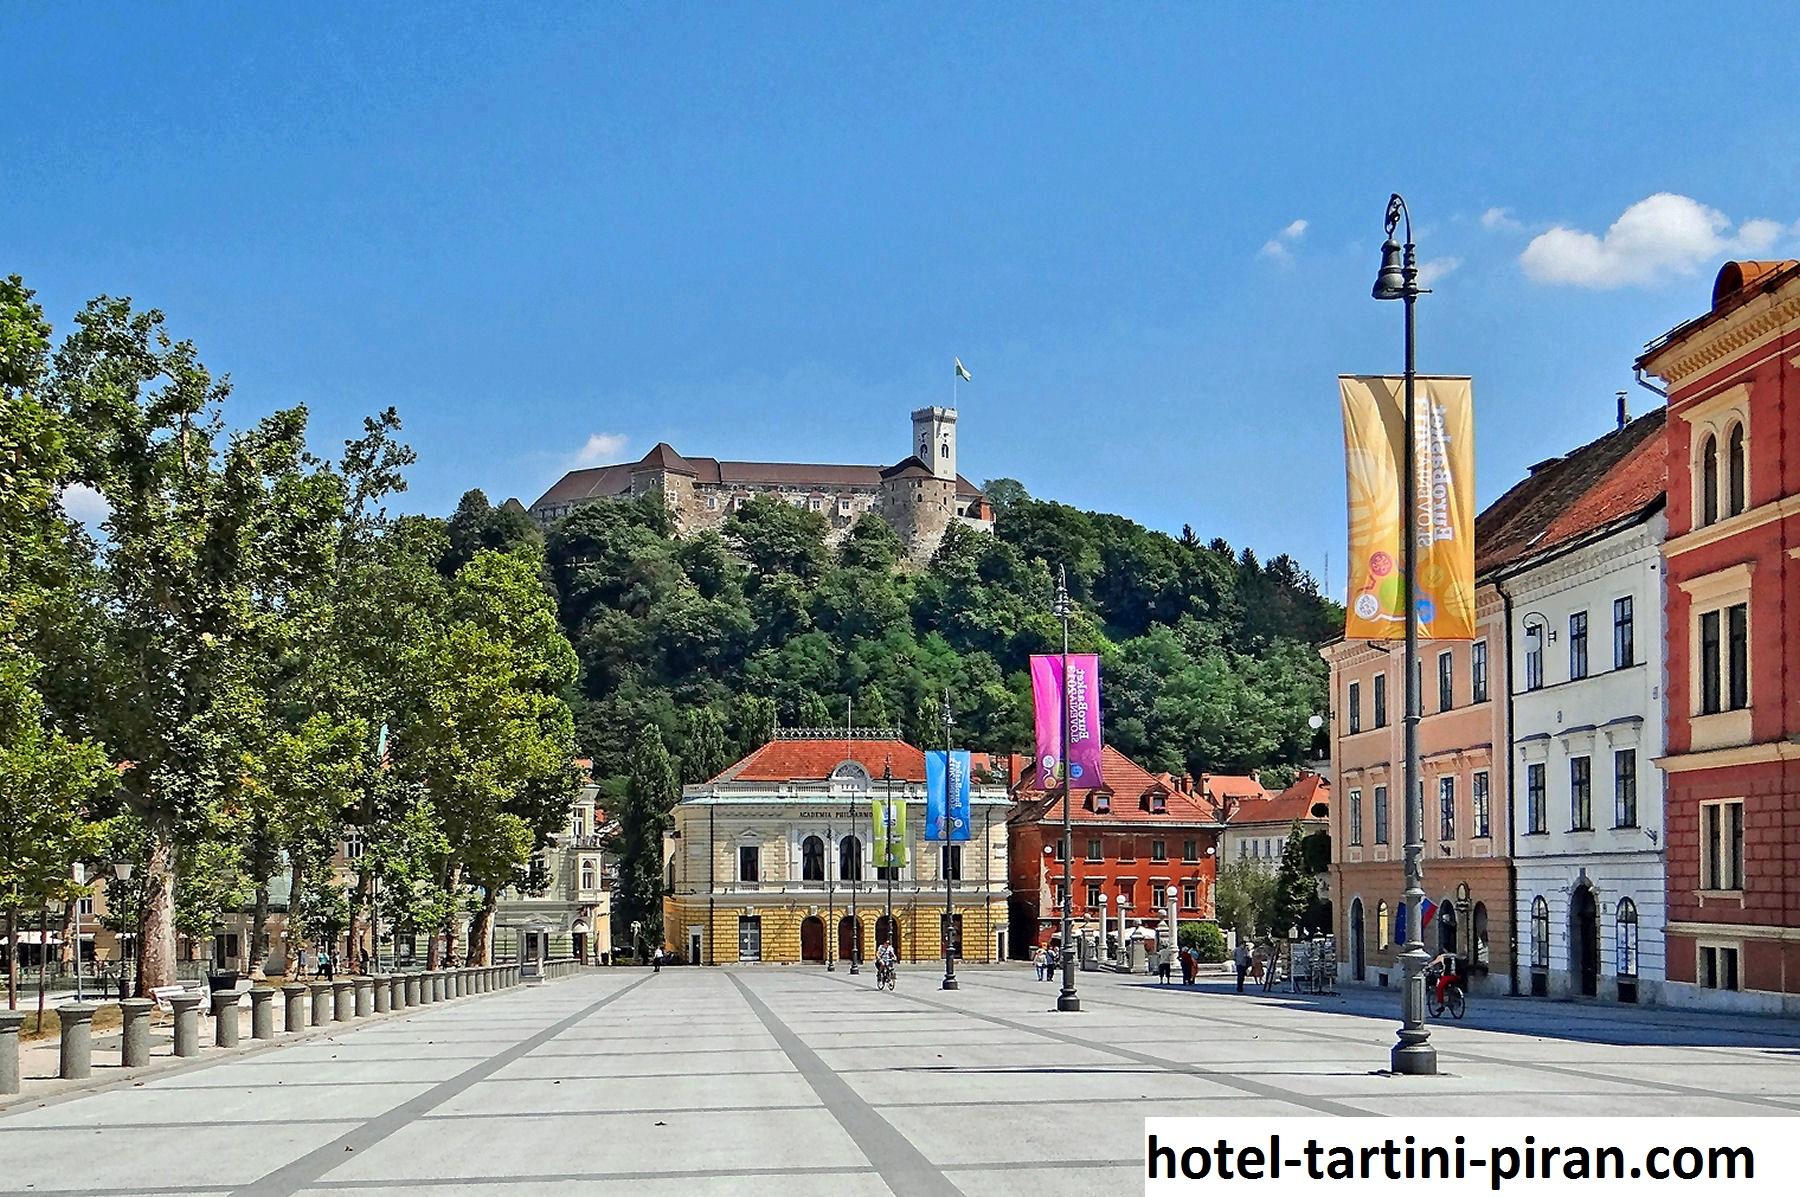 Wisata Congress Square Di Ljubljana Slovenia